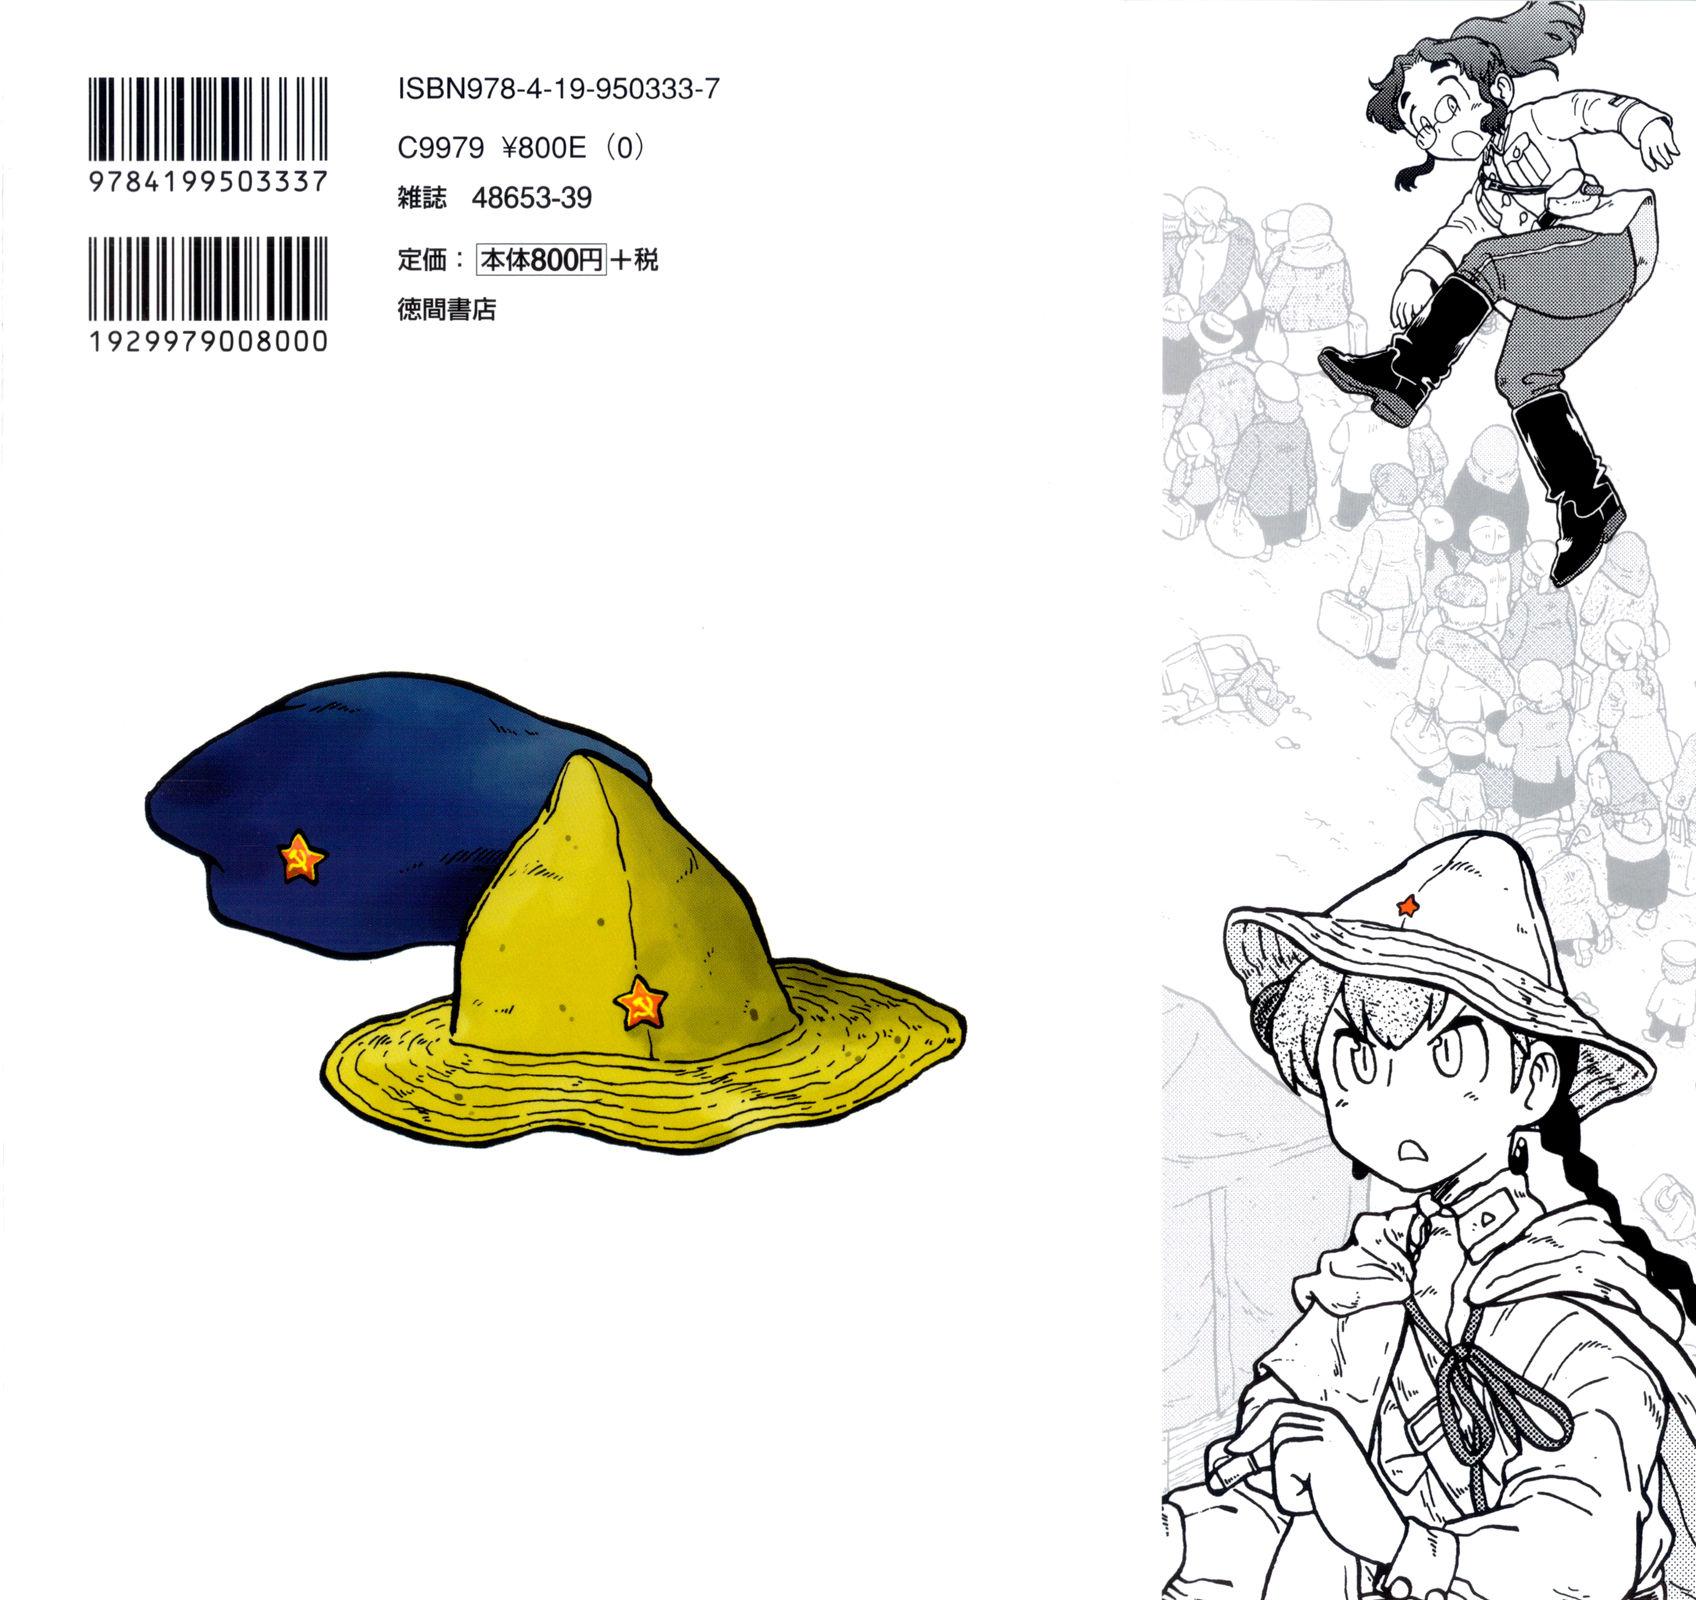 Kutsuzure Sensen - Witch Vasenka's War 11 Page 2